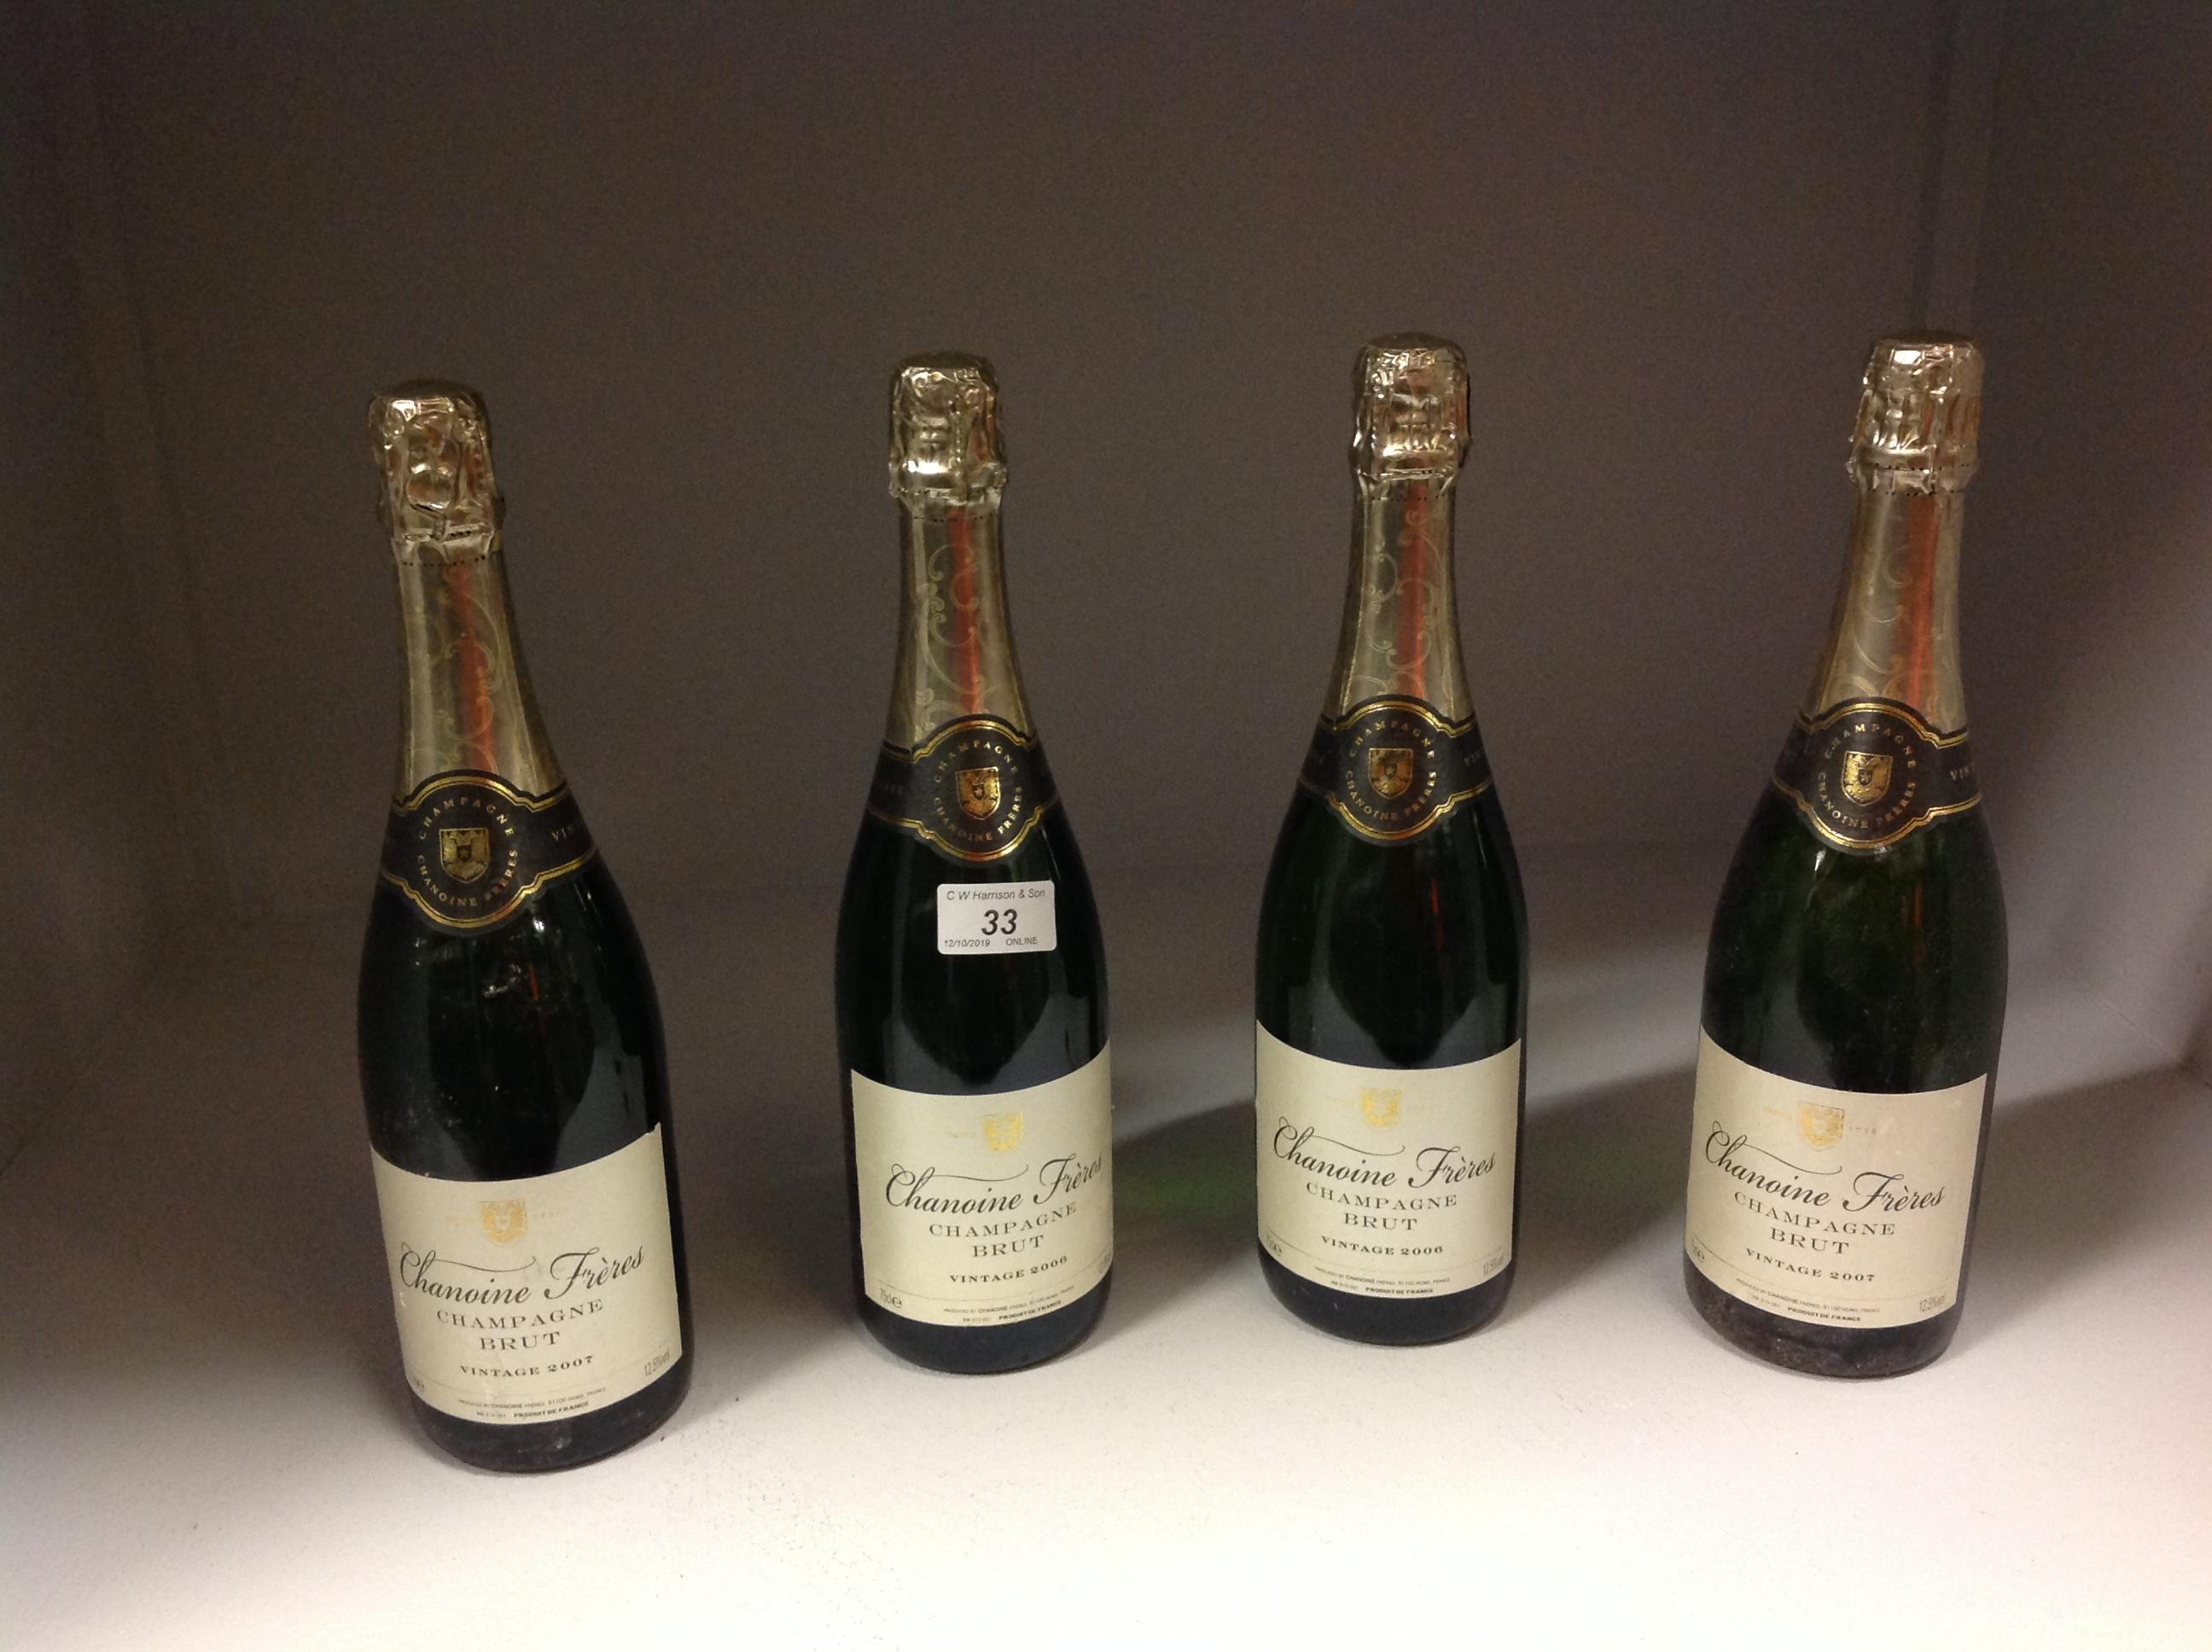 Lot 33 - 4 x 75cl bottles Chanoine Freres Champga